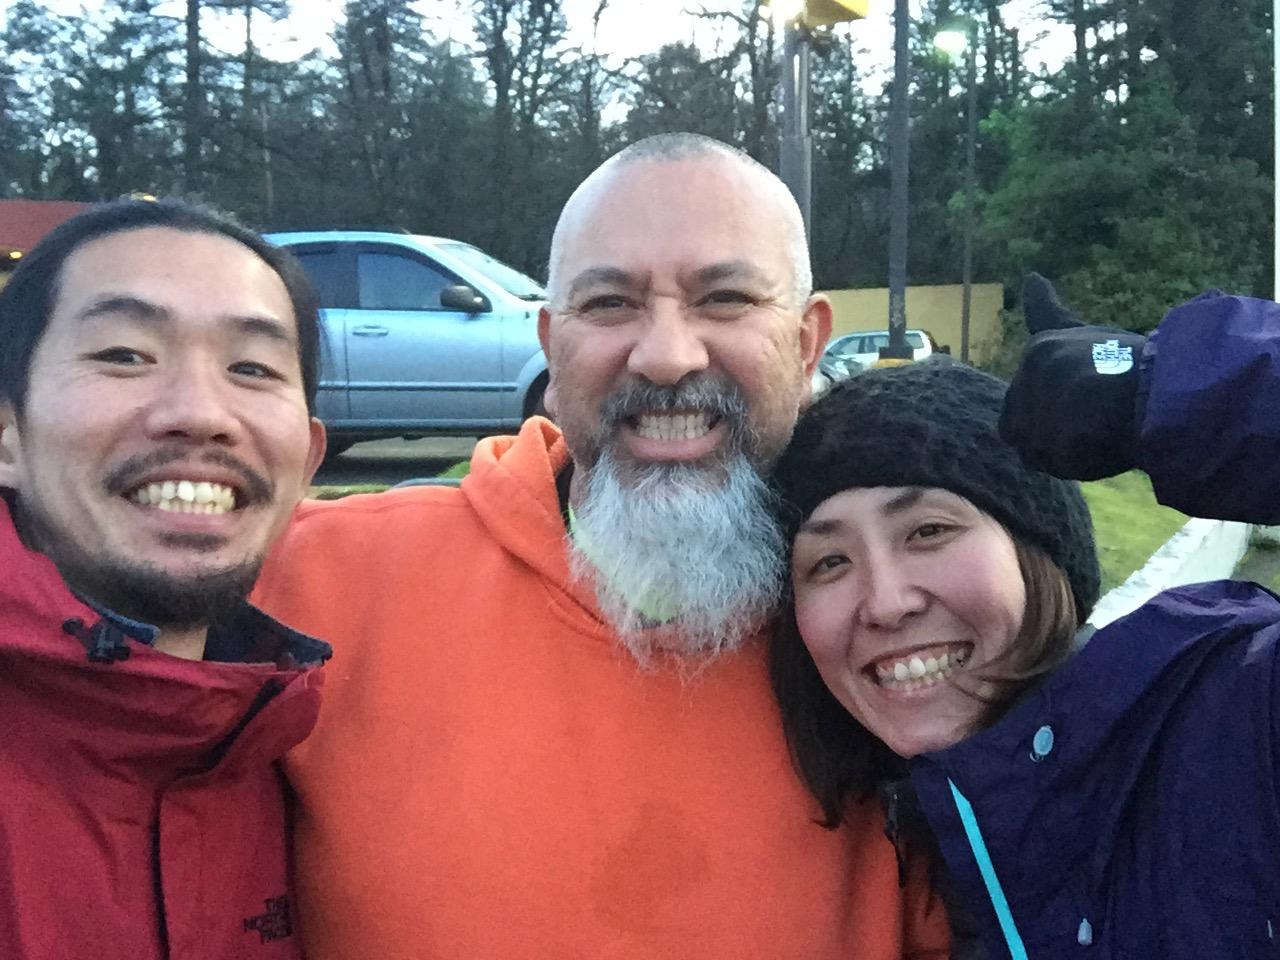 ヒッチハイク,旅,アメリカ,キャンプ,世界一周,ブログ,テント,夫婦